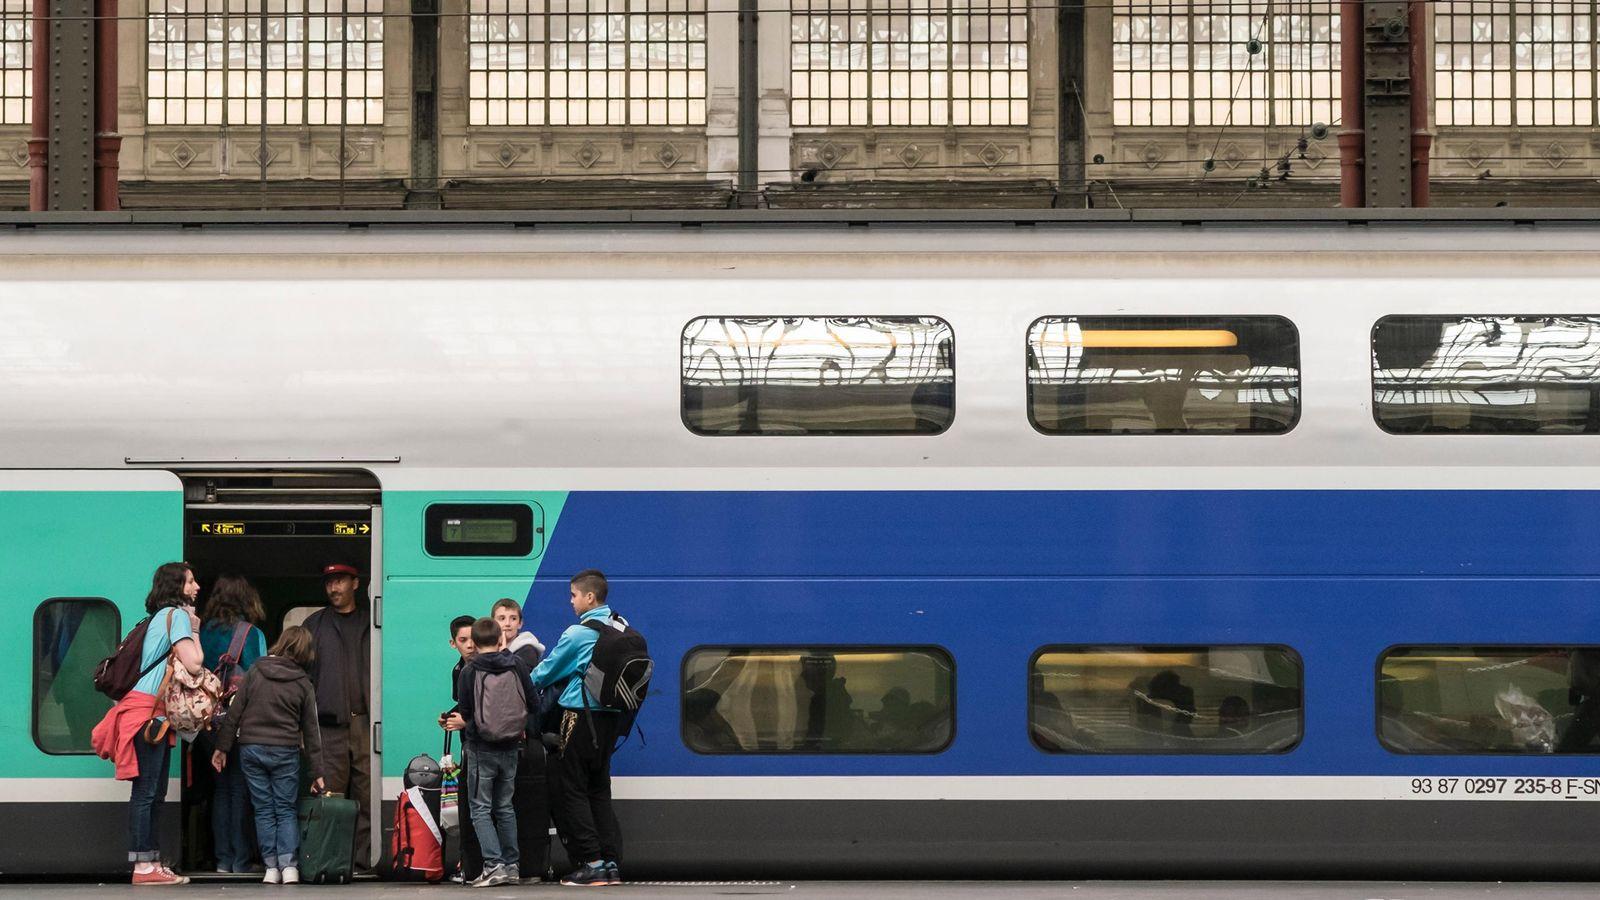 Famílias embarcam em um trem da SNCF em Paris.